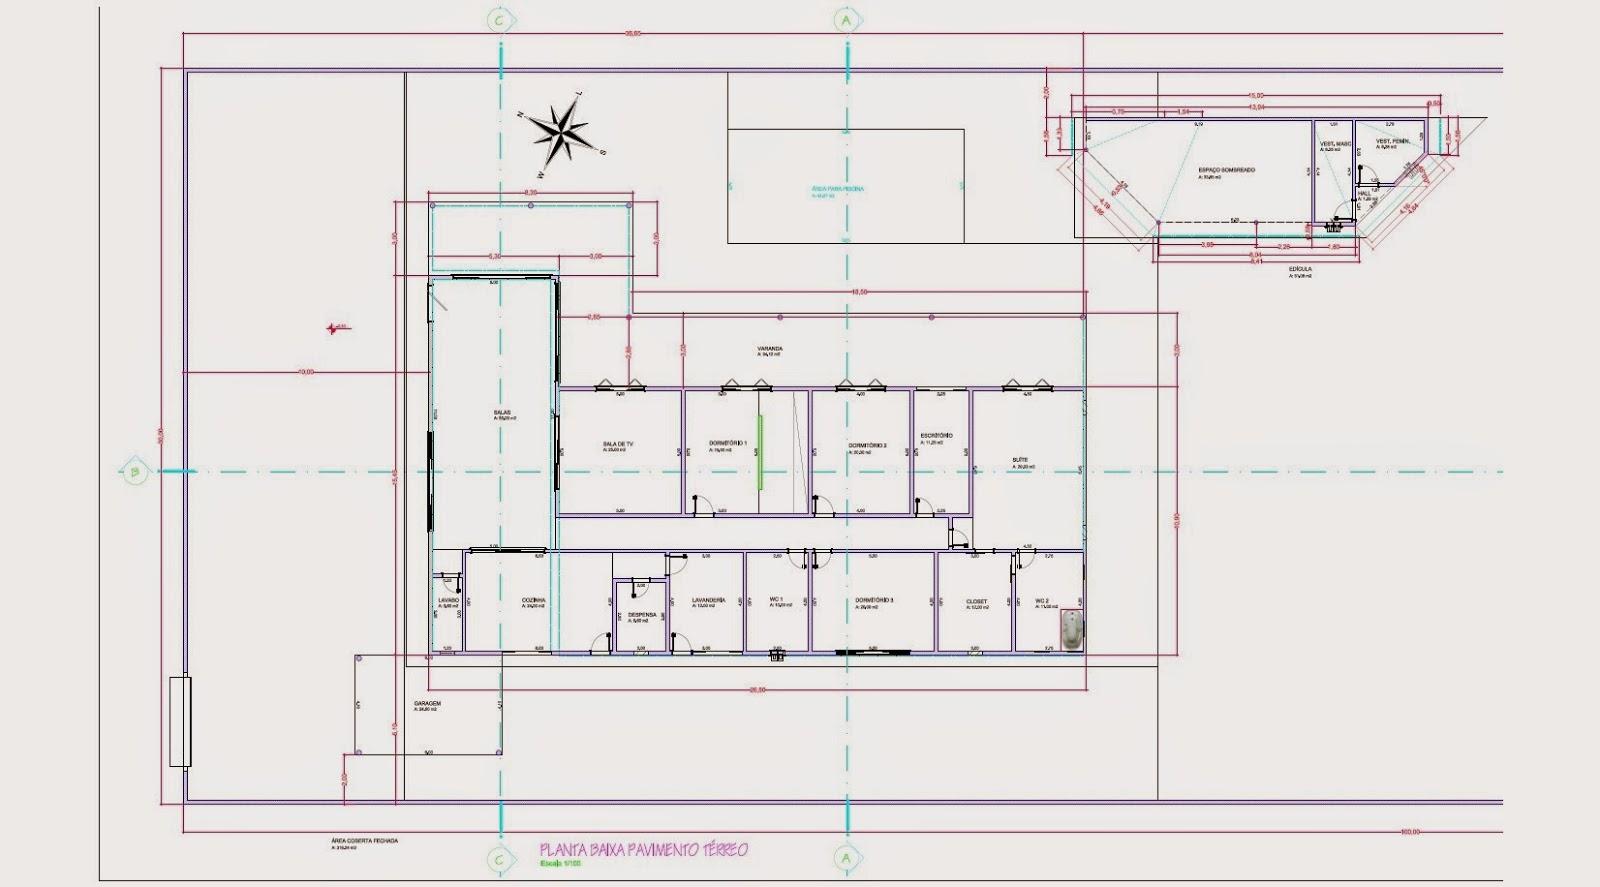 Sala De Tv Planta Baixa ~  de sala de tv Agora a salá de tv será anexa a sala de estarjanta